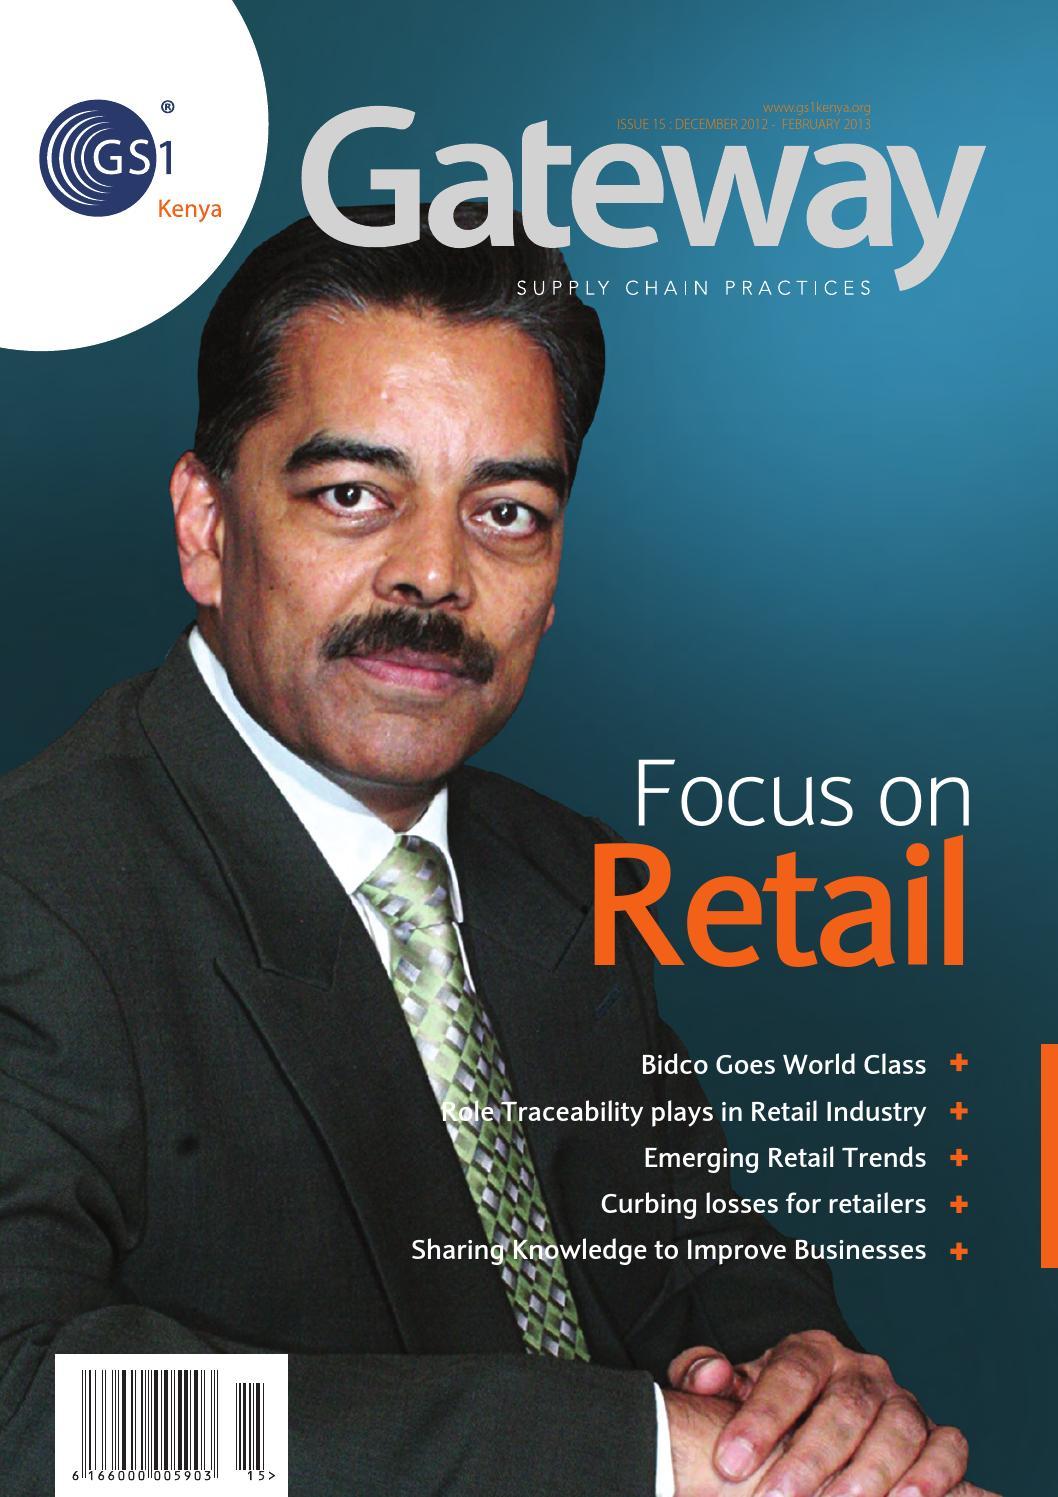 Gateway Issue 15 by GS1KENYA - issuu